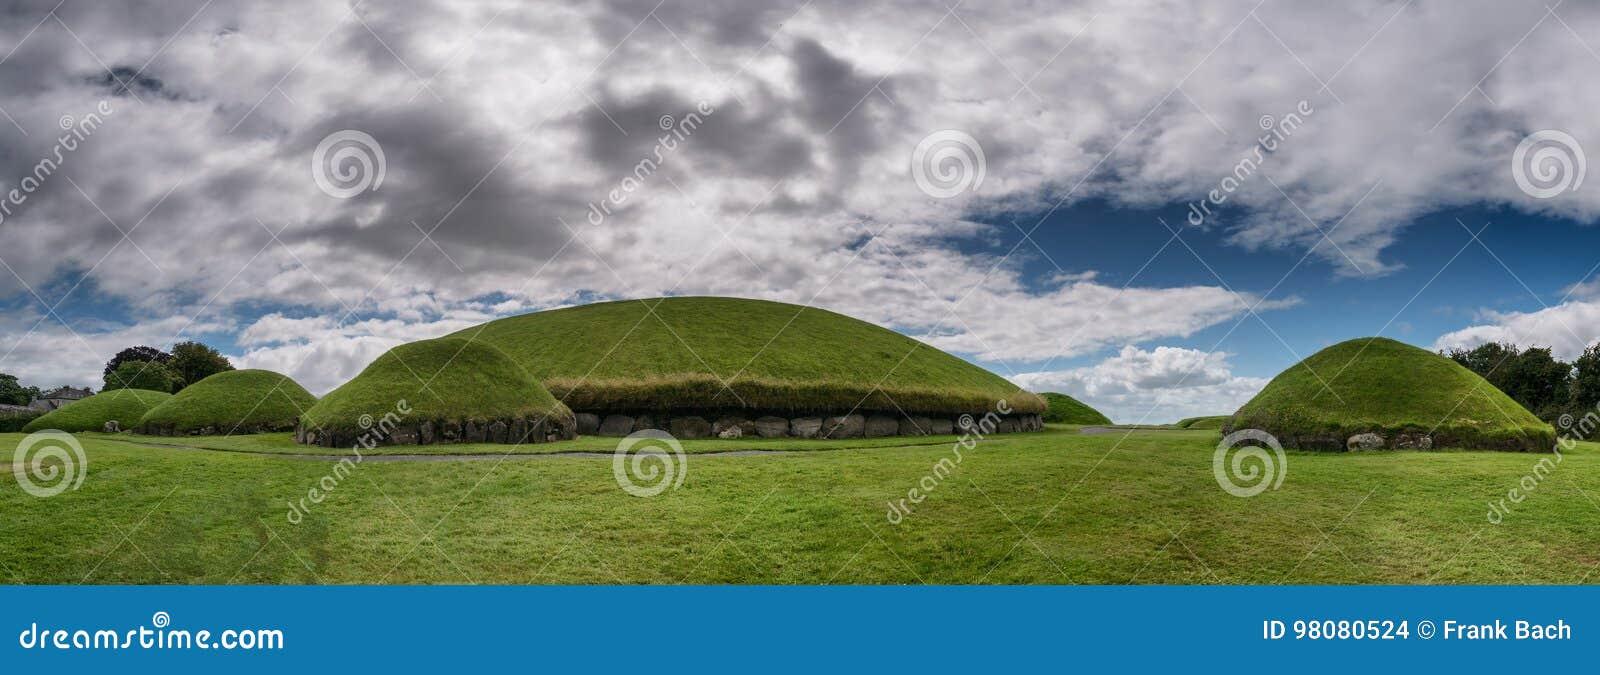 Graf van de Knowth het Neolithische Passage, Hoofdhoop in Ierland